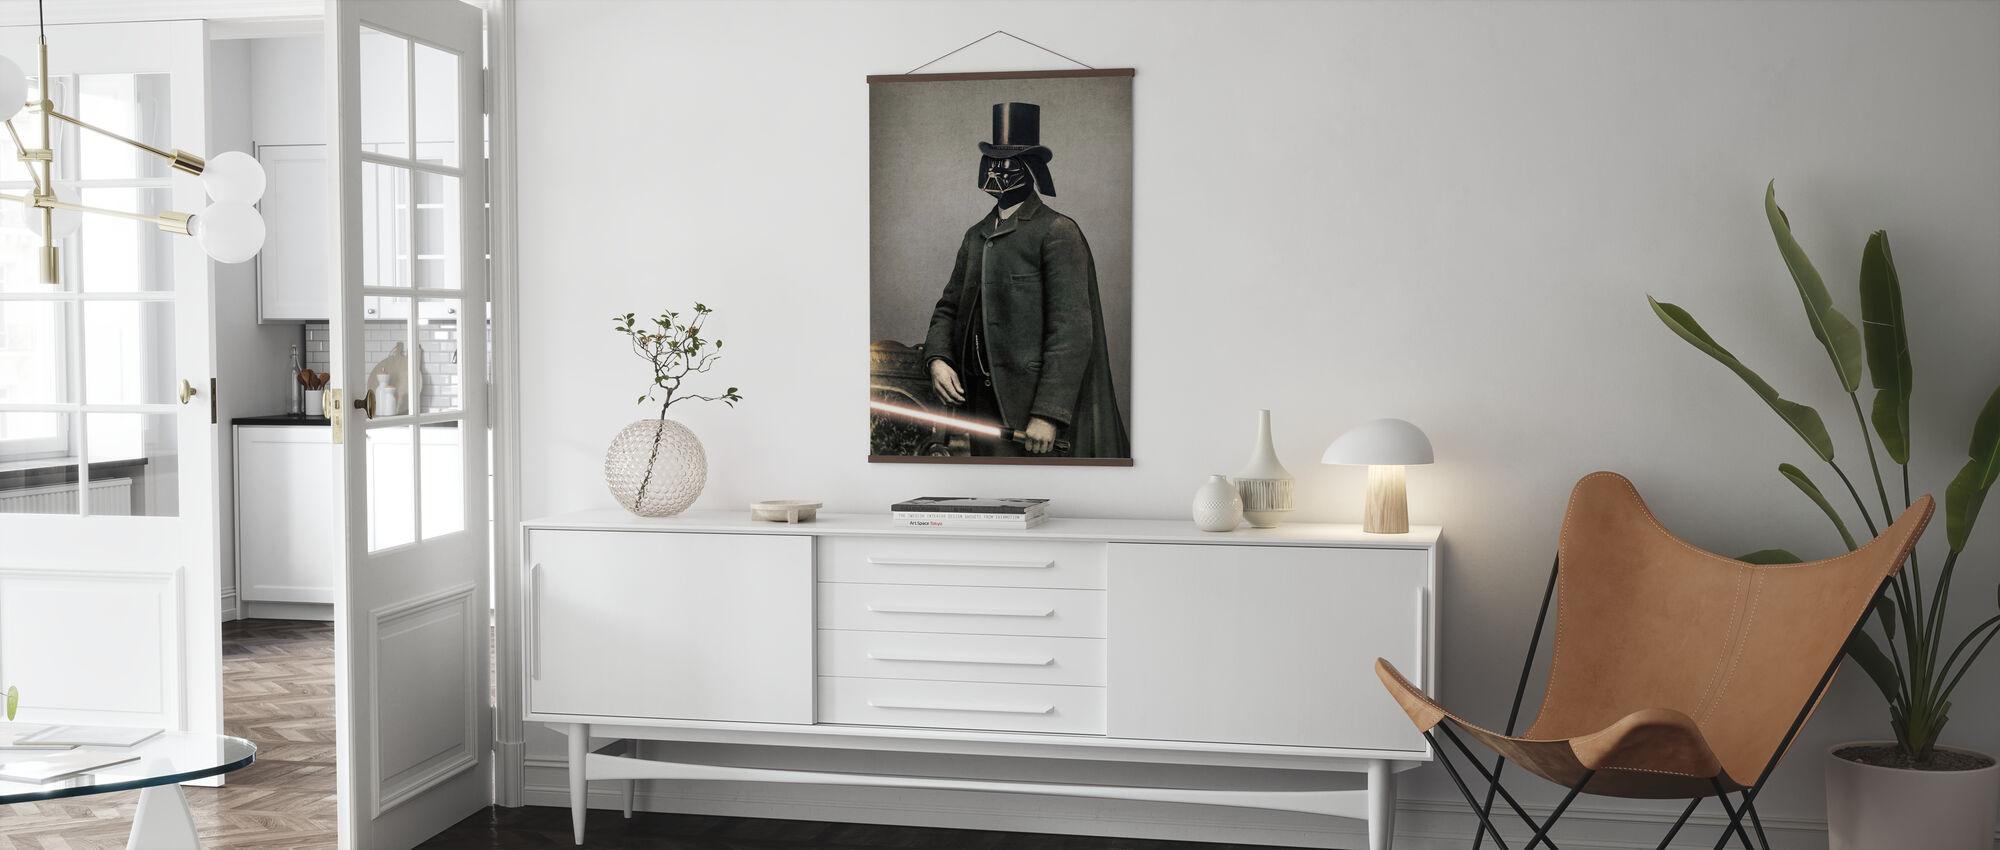 Viktorianische Kriege Lord Vadersworth - Poster - Wohnzimmer